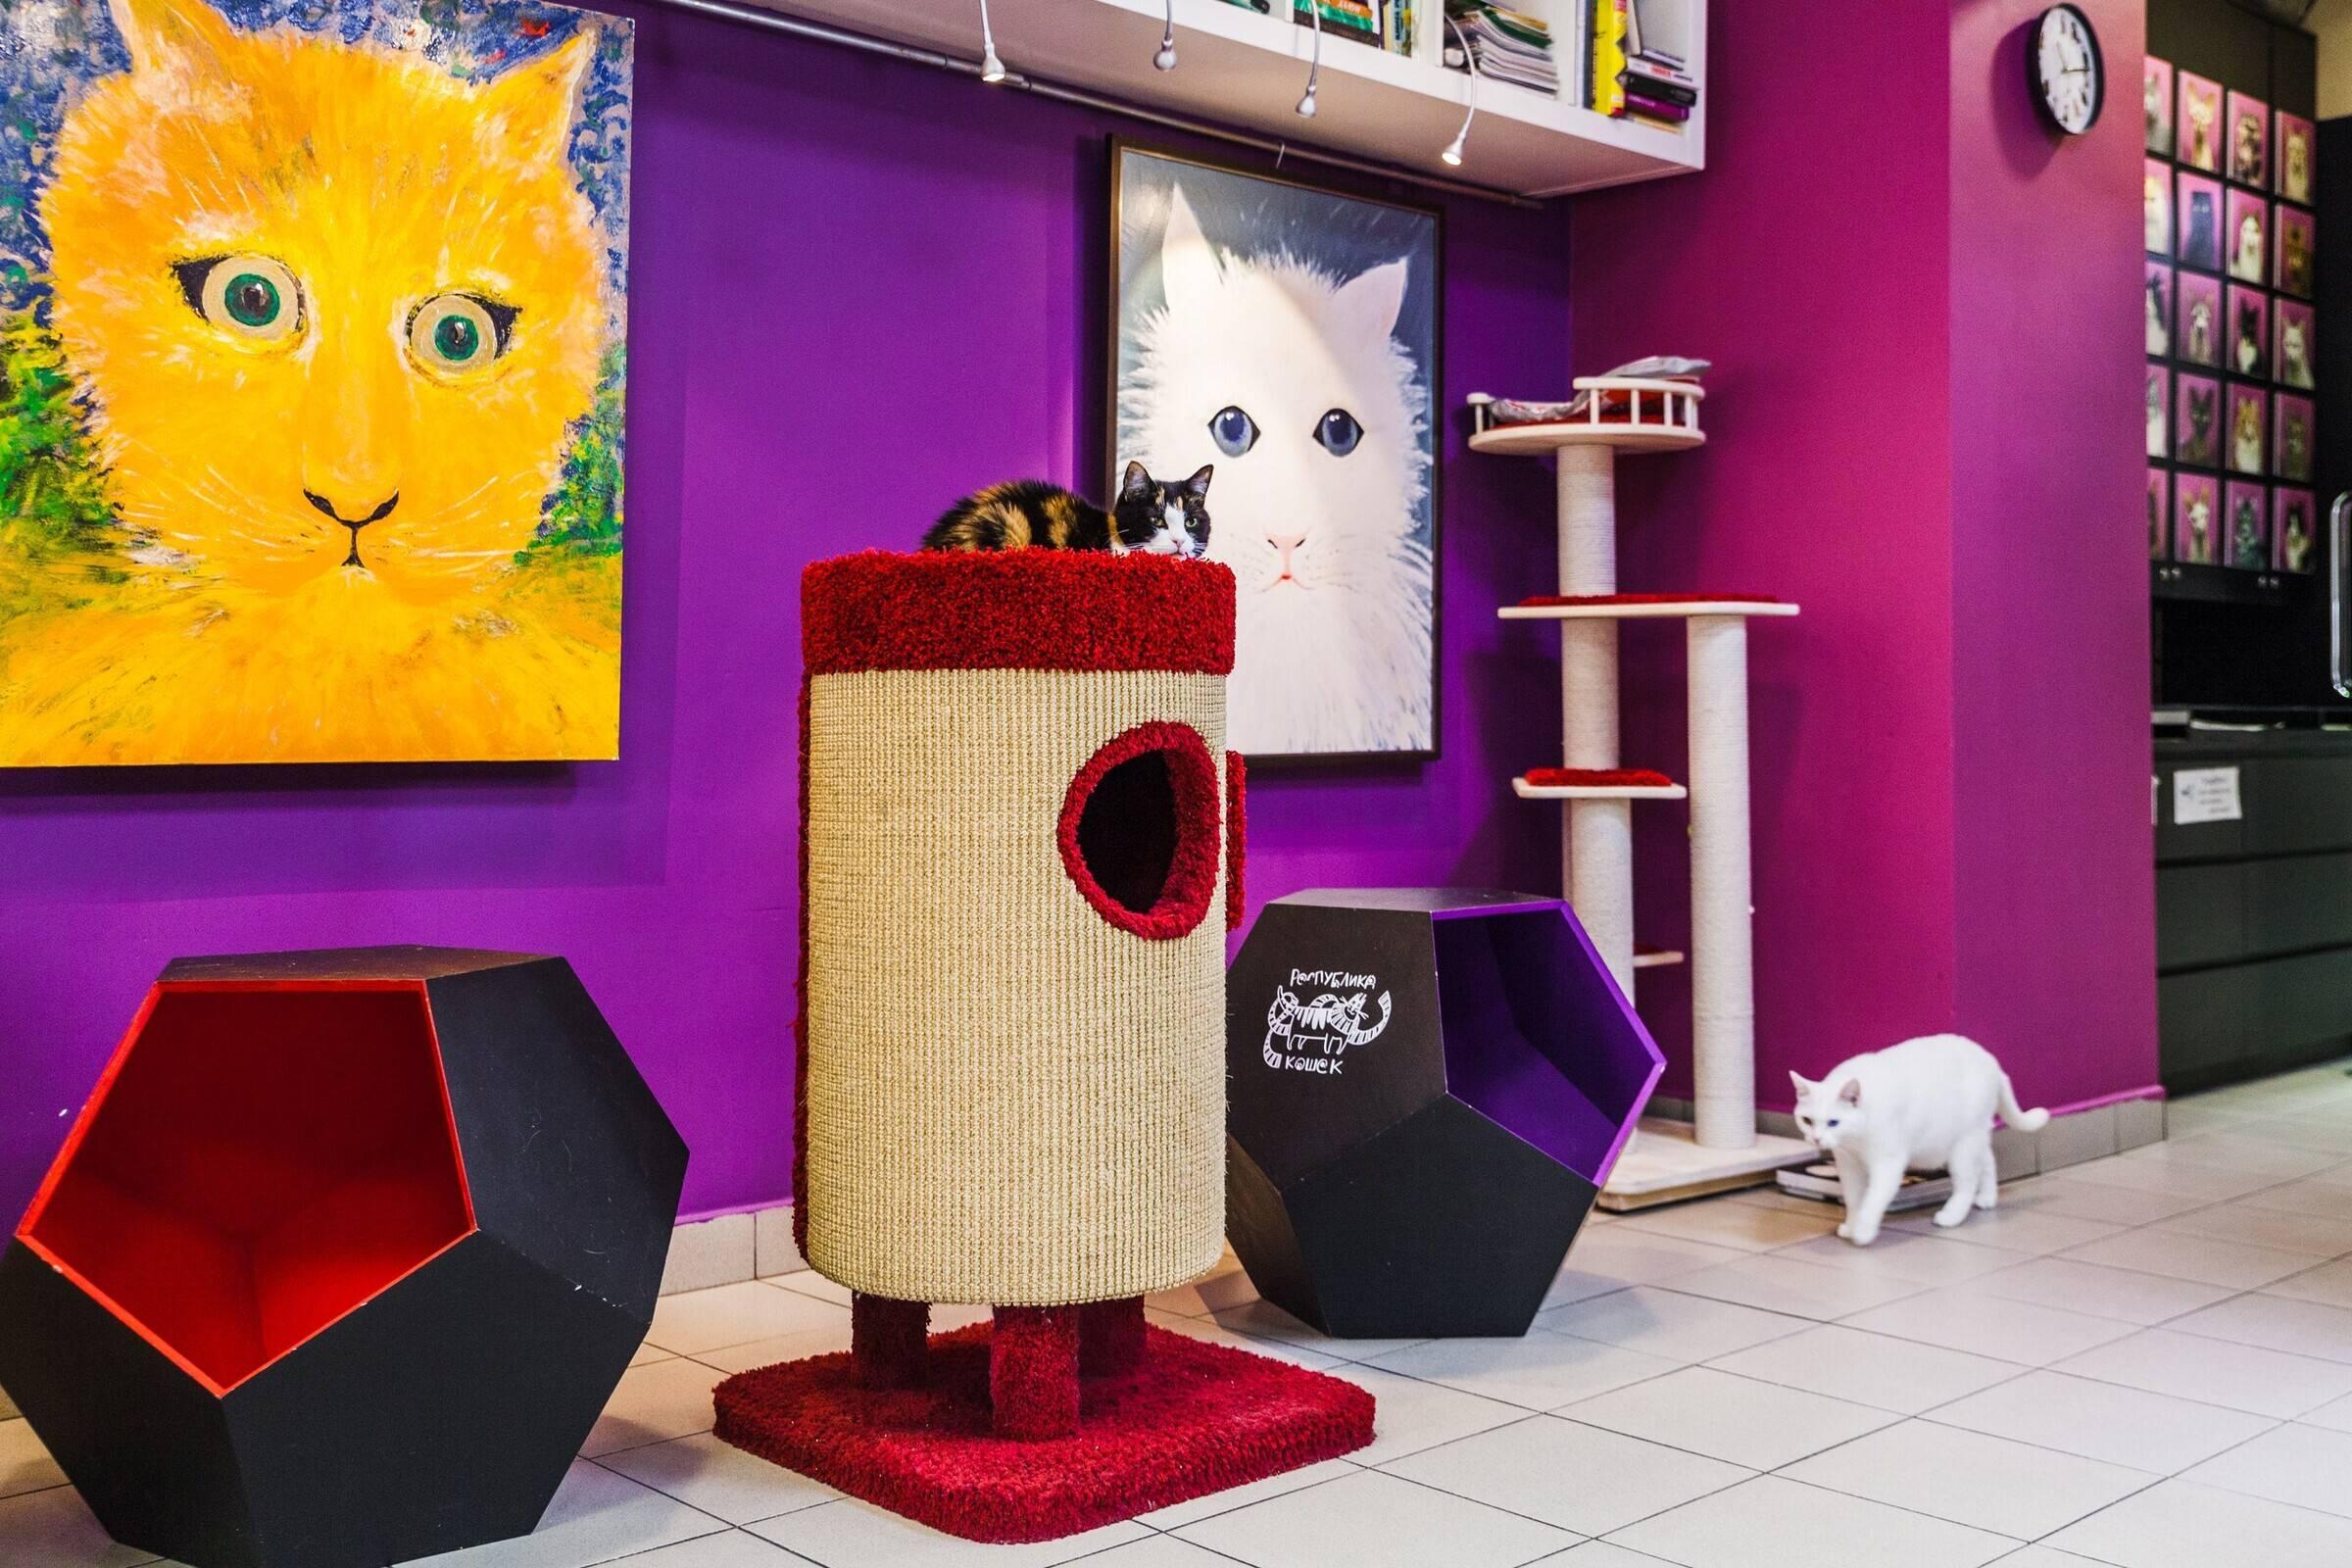 Котокафе «республика кошек» всанкт-петербурге. музей на якубовича, сайт, фото, отзывы, отели рядом, как добраться на туристер.ру